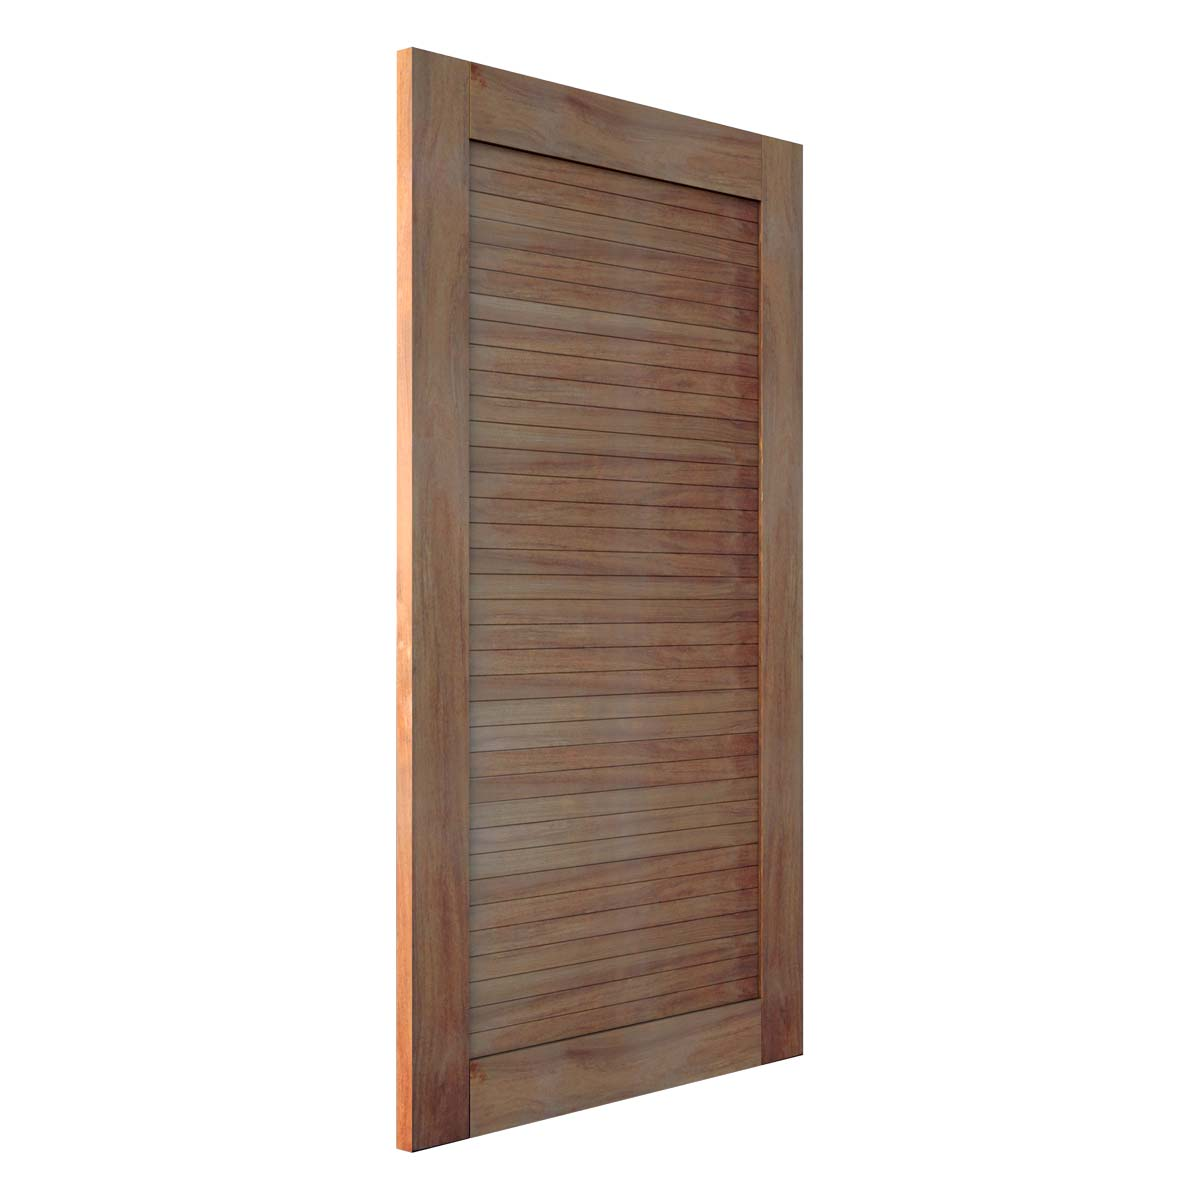 Porta Pivotante Madeira maciça em Cumaru Modelo pp - line com montante